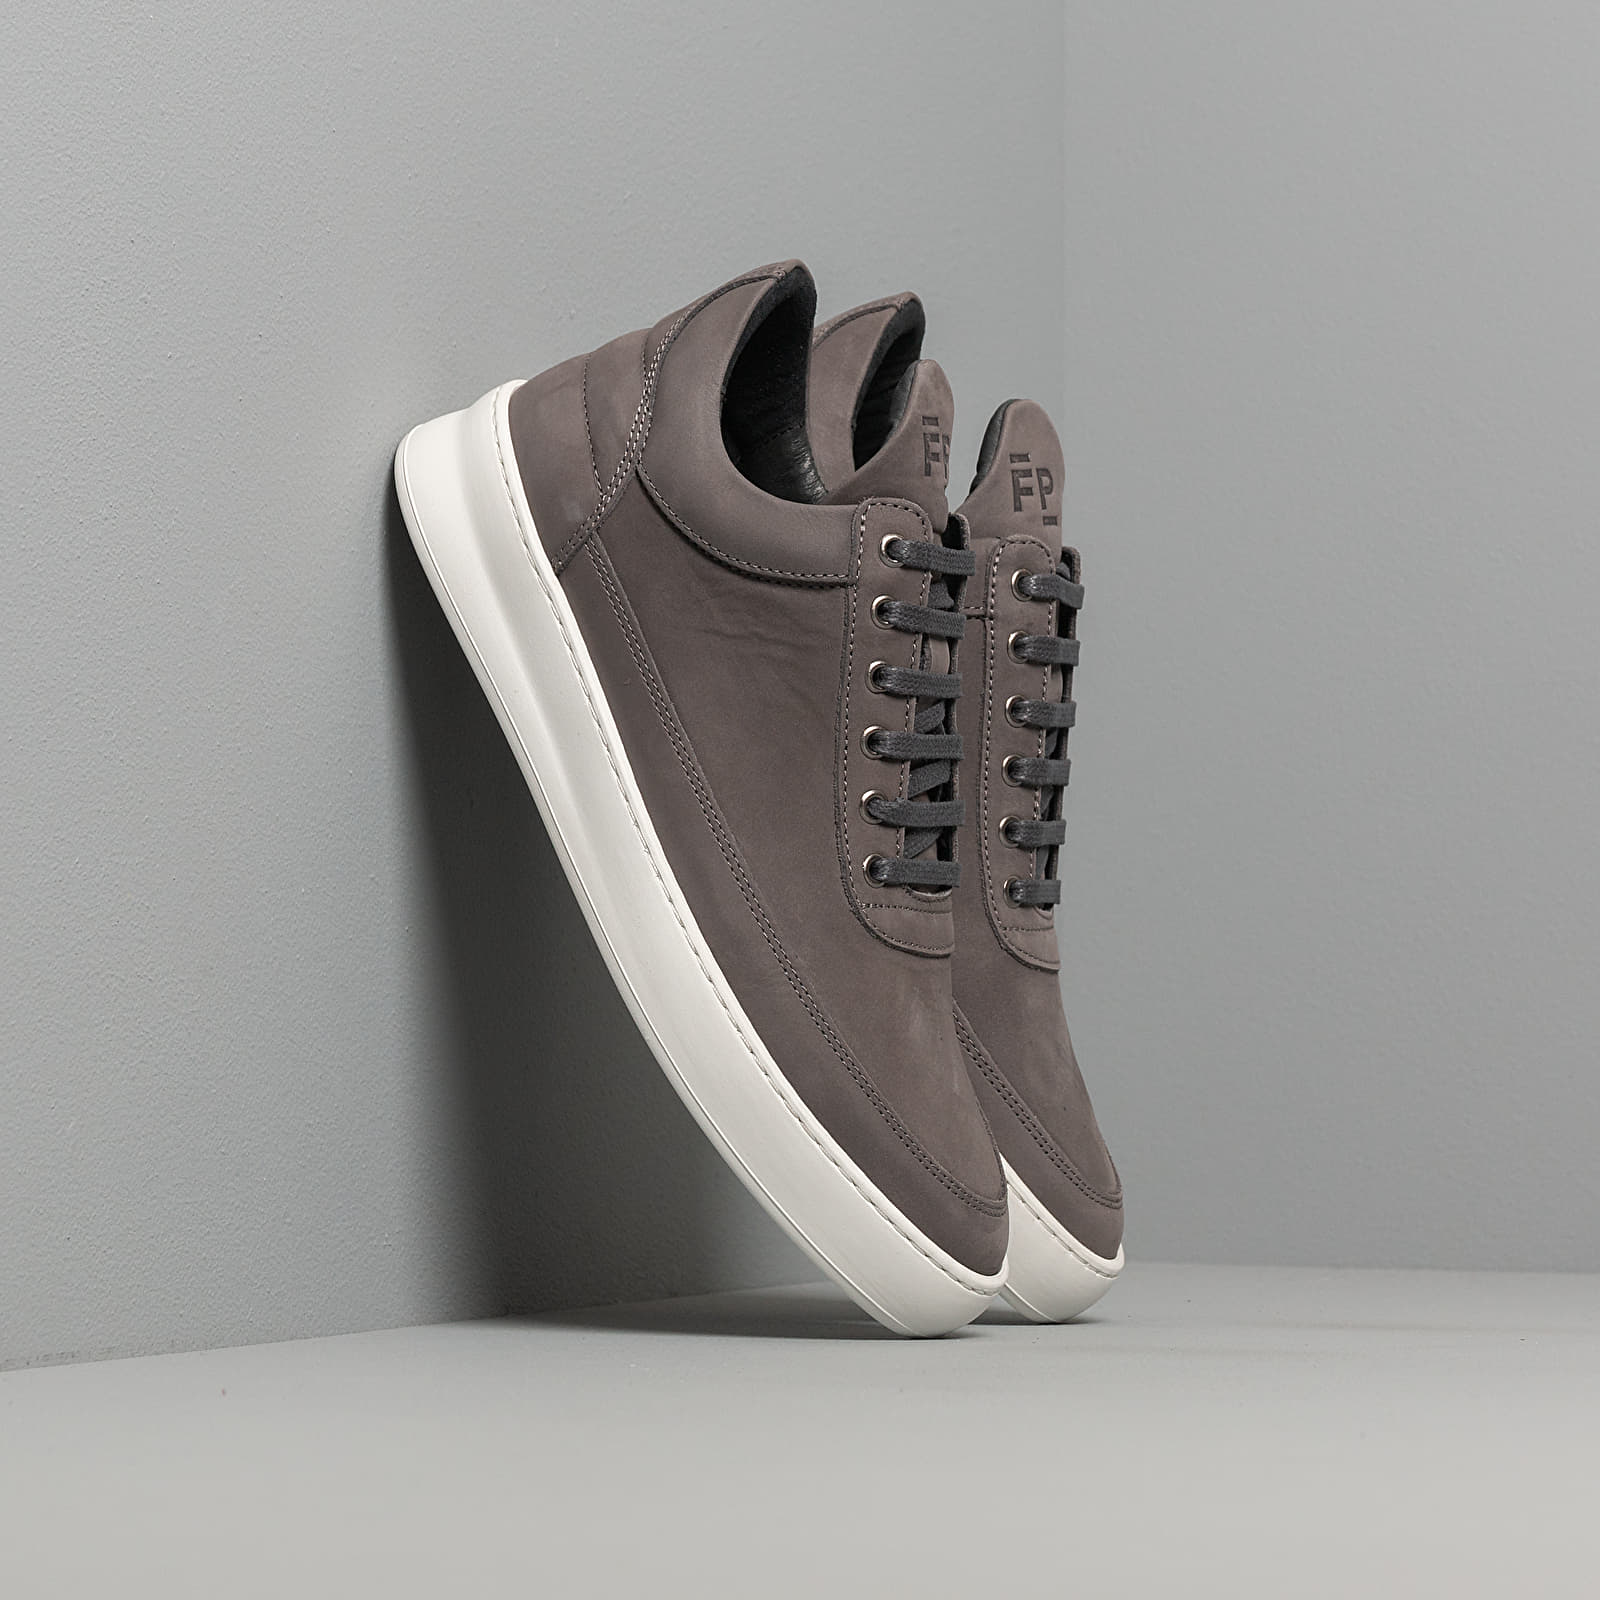 Chaussures et baskets homme Filling Pieces Low Top Plain Lane Nubuck Dark Grey